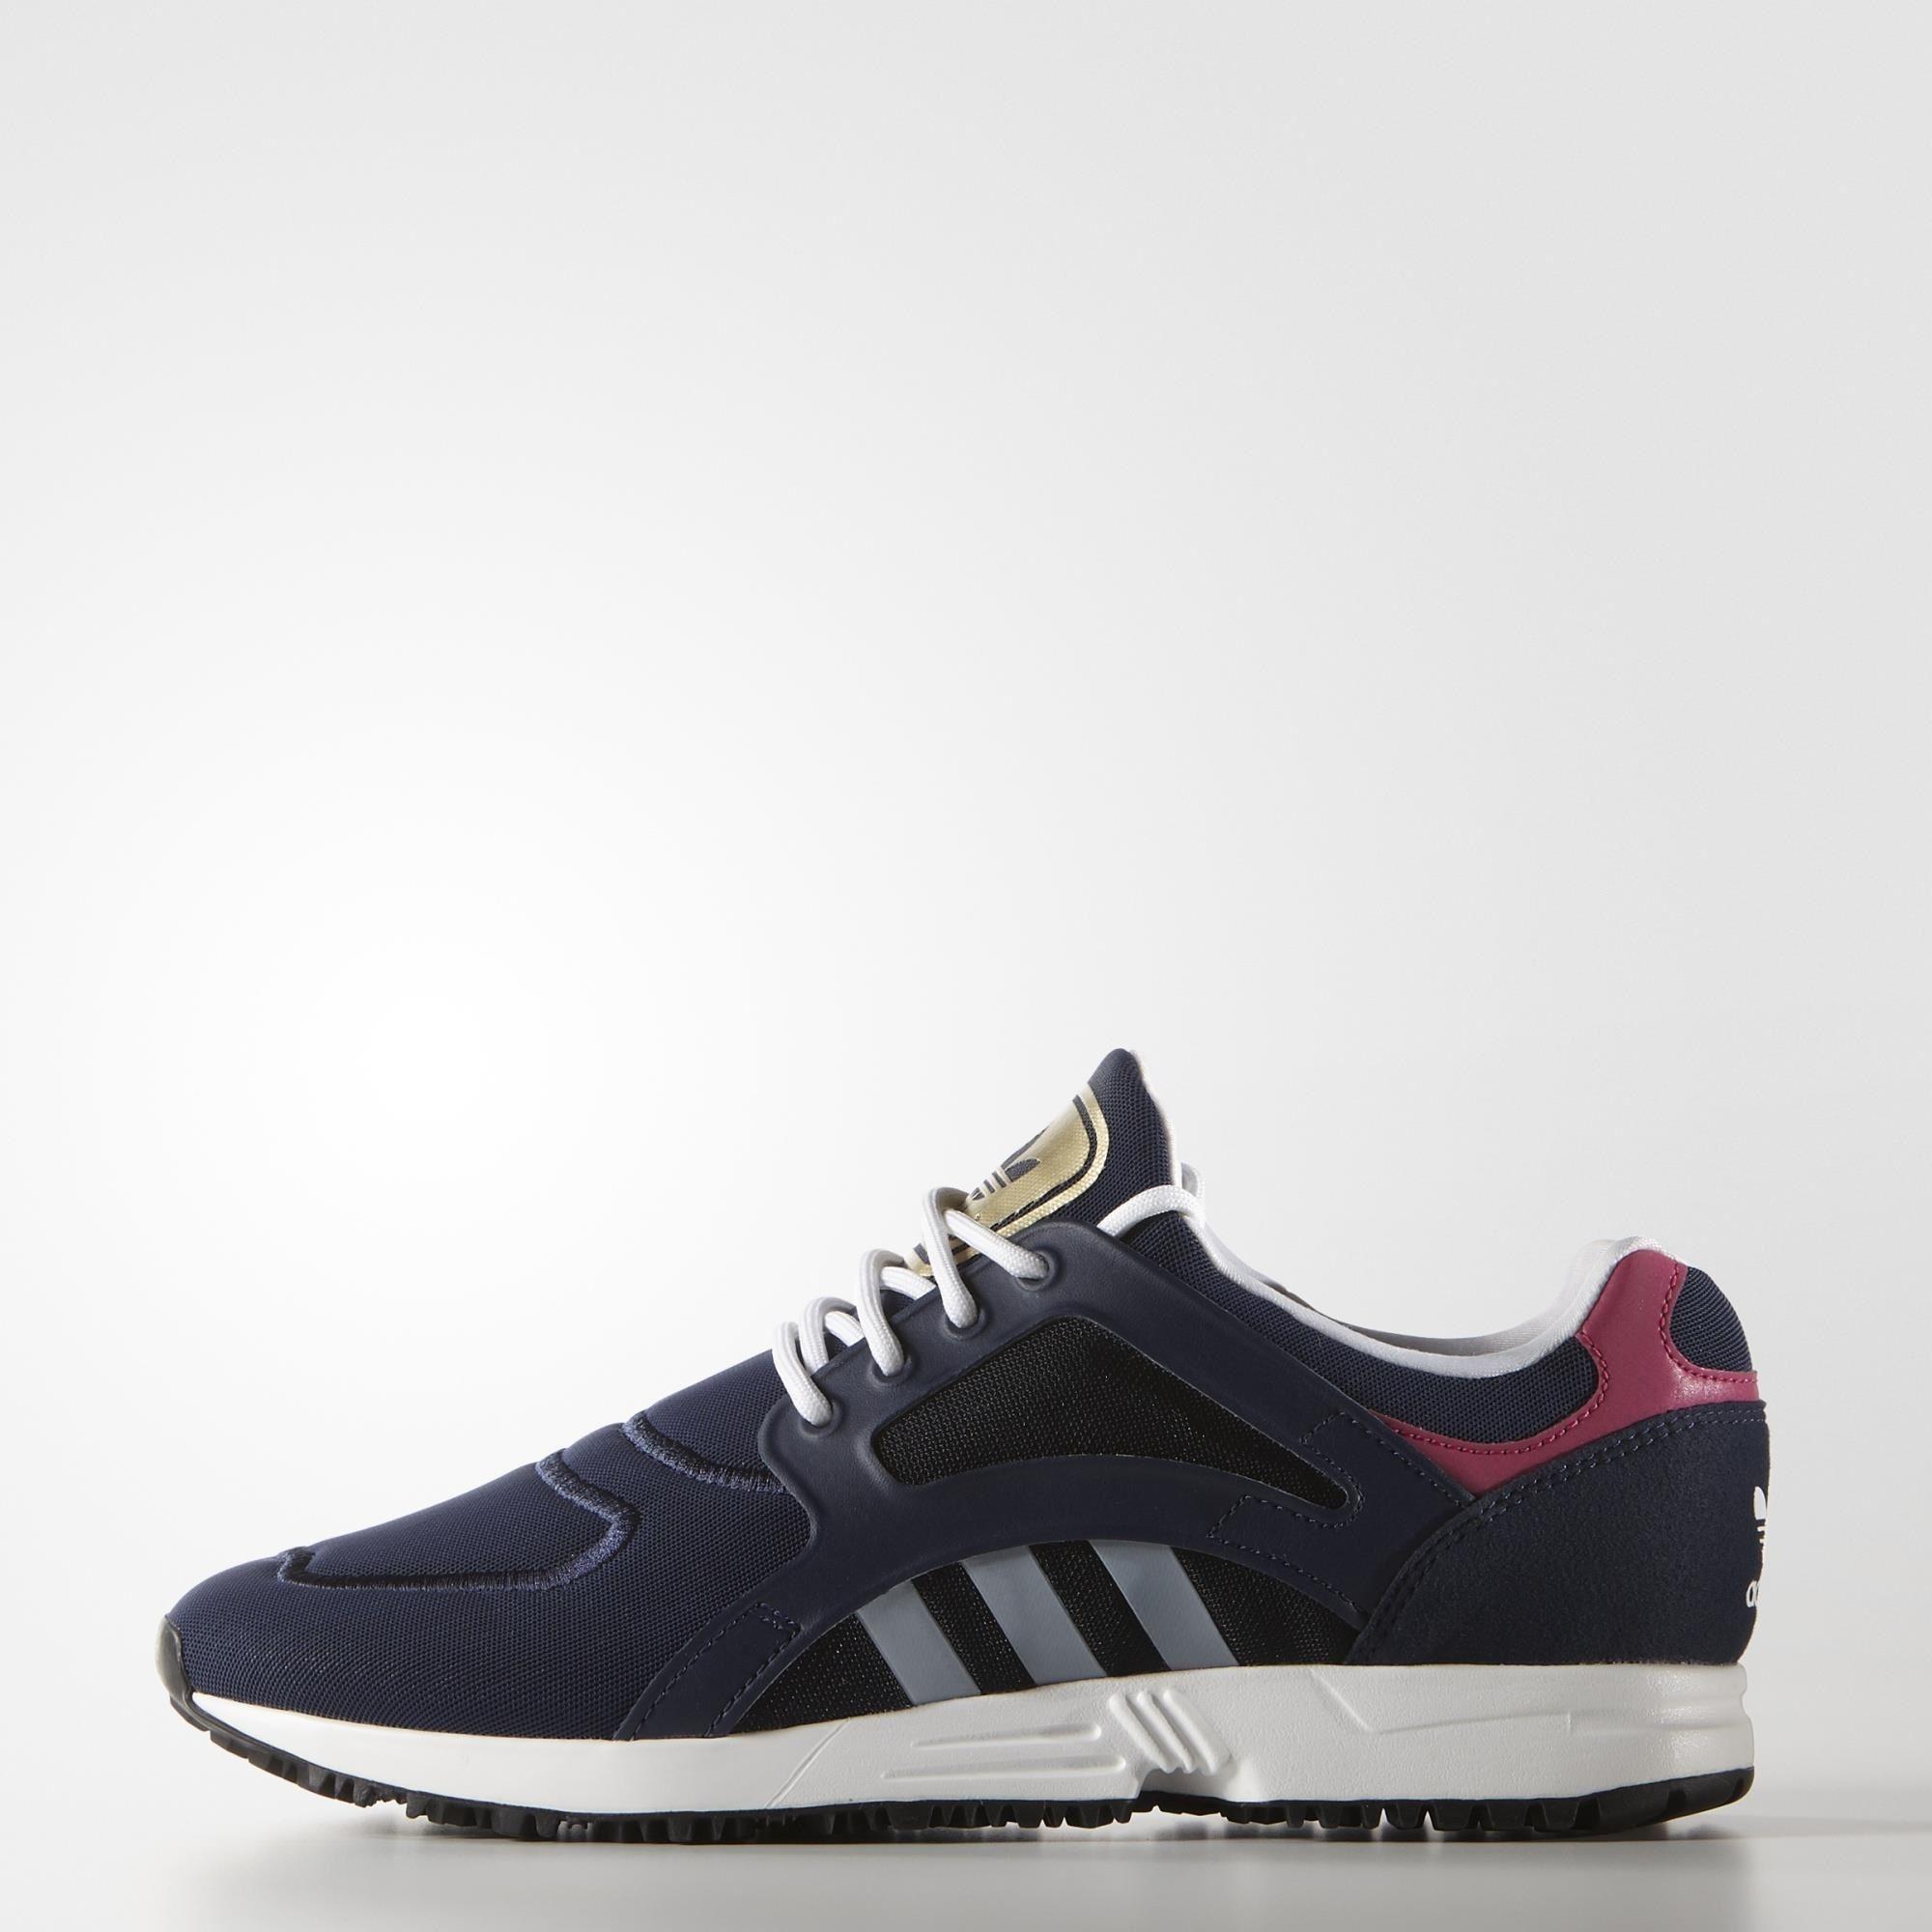 Adidad - Voici un remix contemporain d'une chaussure de running légendaire au look épuré. Munie d'une tige en mesh avec une languette ornée d'un Trèfle métallisé, cette chaussure femmes reprend les lignes authentiques tout en présentant un design et une semelle intermédiaire plus légers.